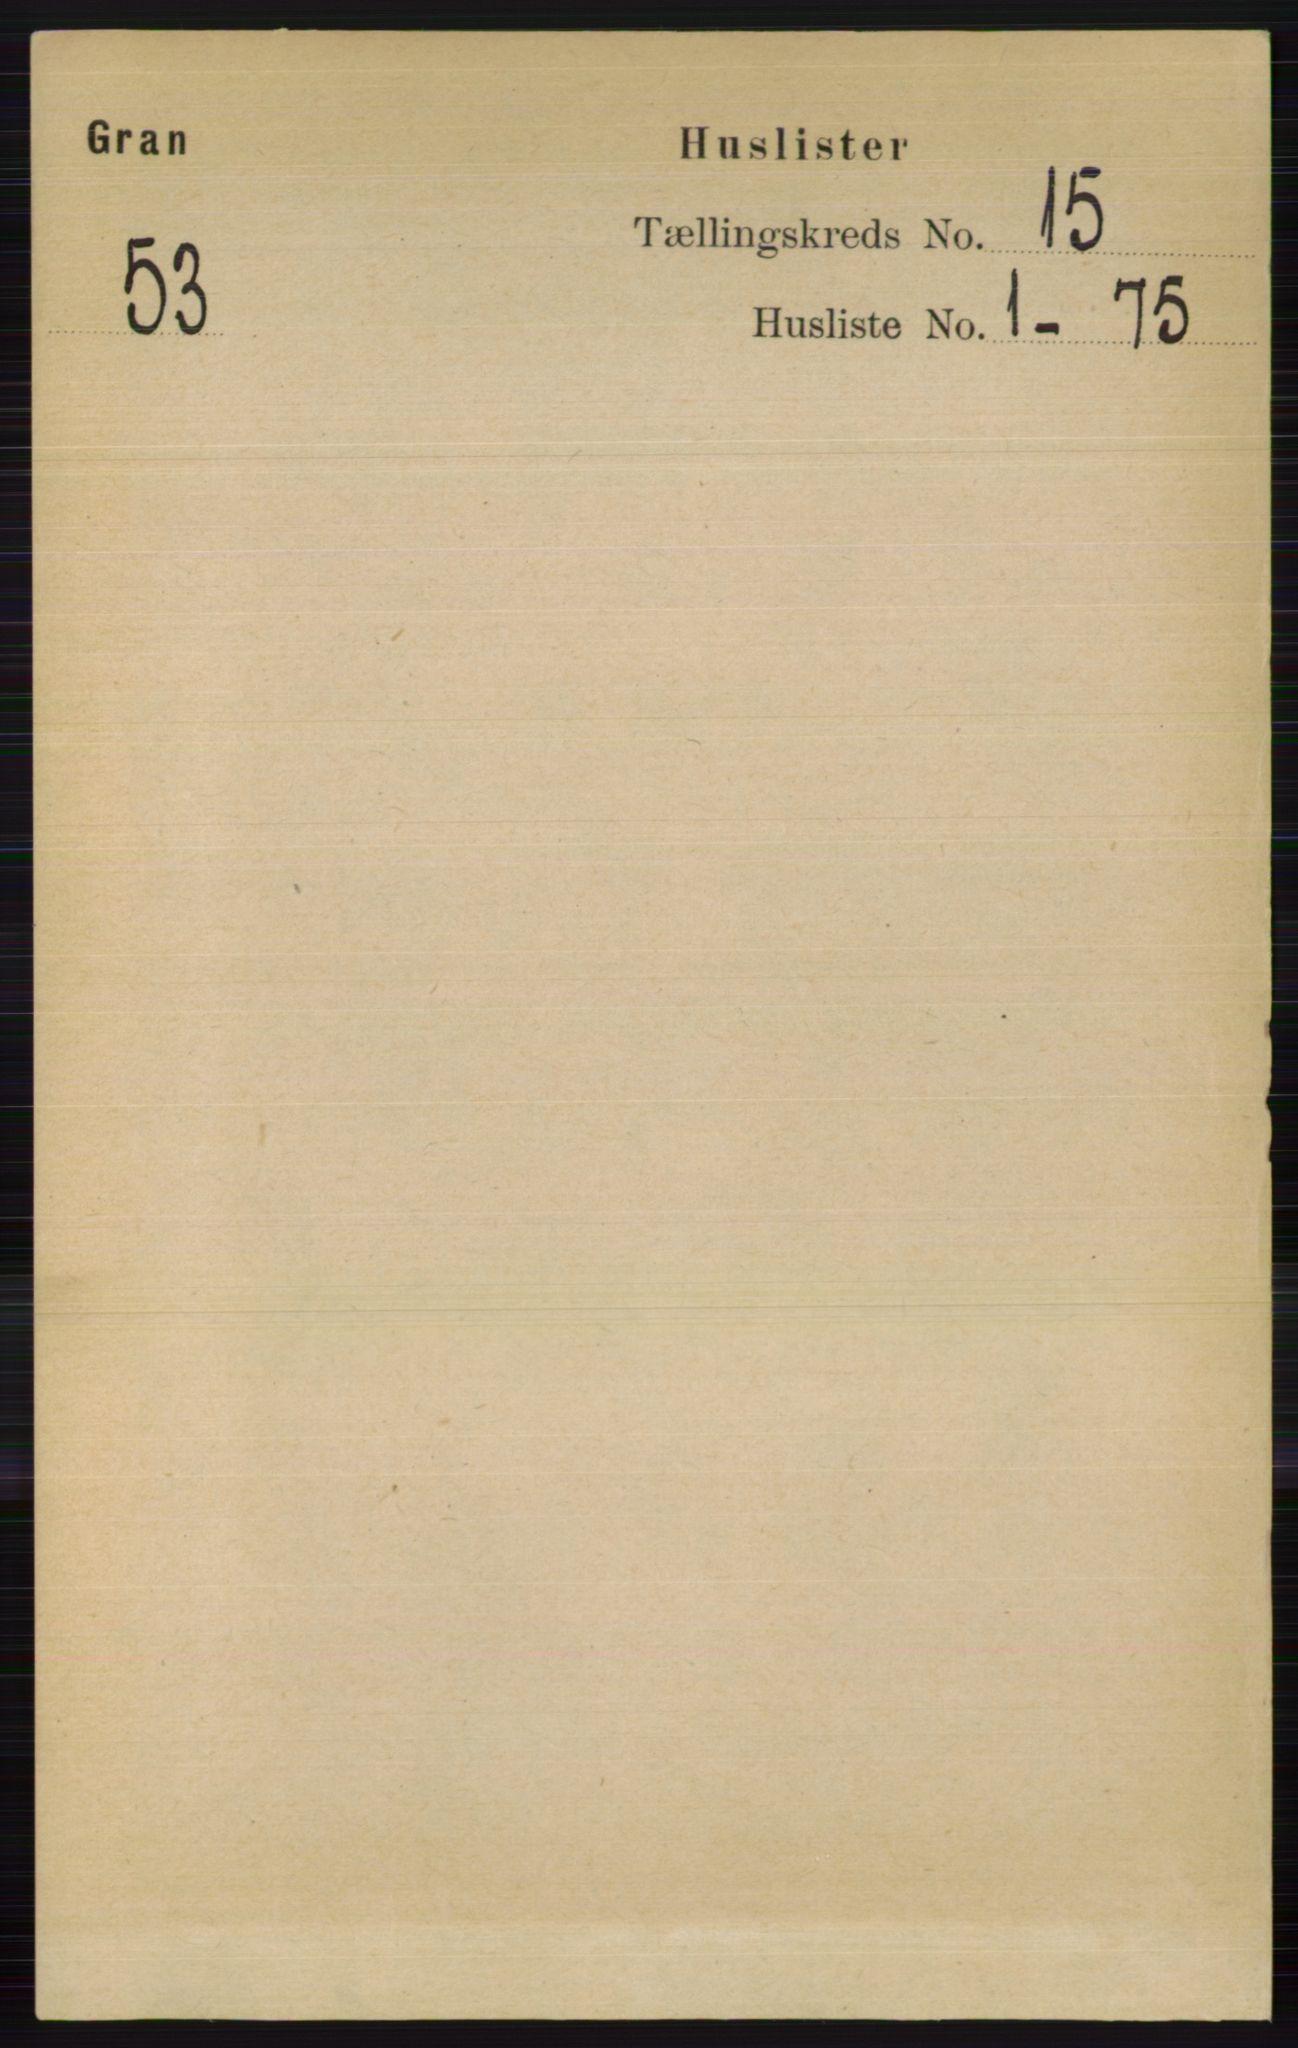 RA, Folketelling 1891 for 0534 Gran herred, 1891, s. 7540